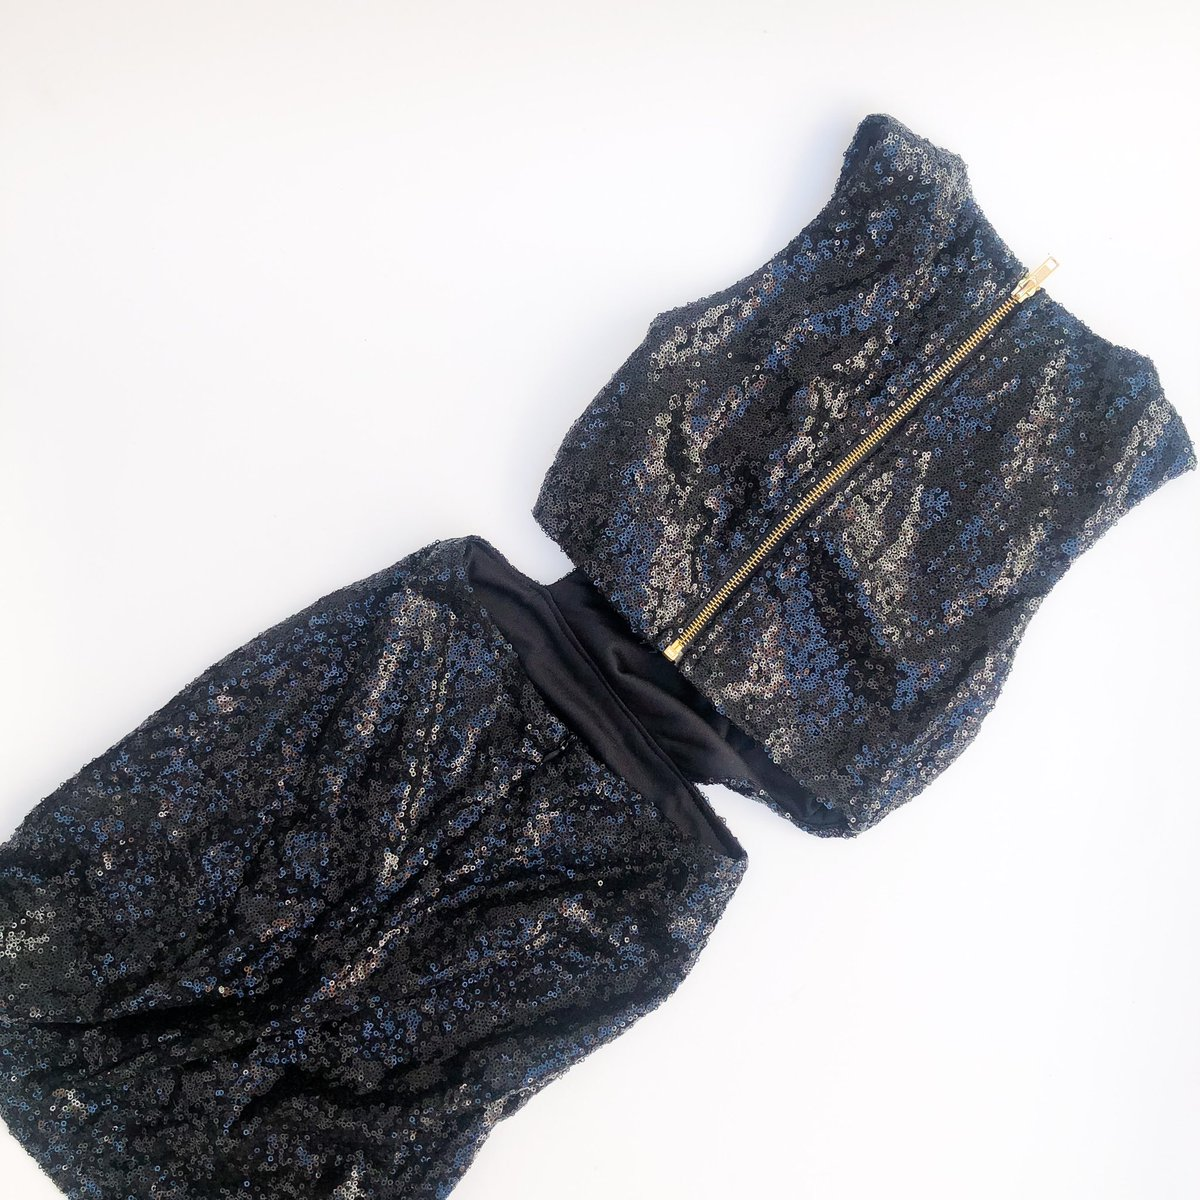 0e5c2dc87 Compra mis prendas en @gotrendiermx Encuéntrame como: prityprity. Todas las  tallas! #shop #ropa #segundamano #trendier #gotrendier #compraenlinea  #shopping ...